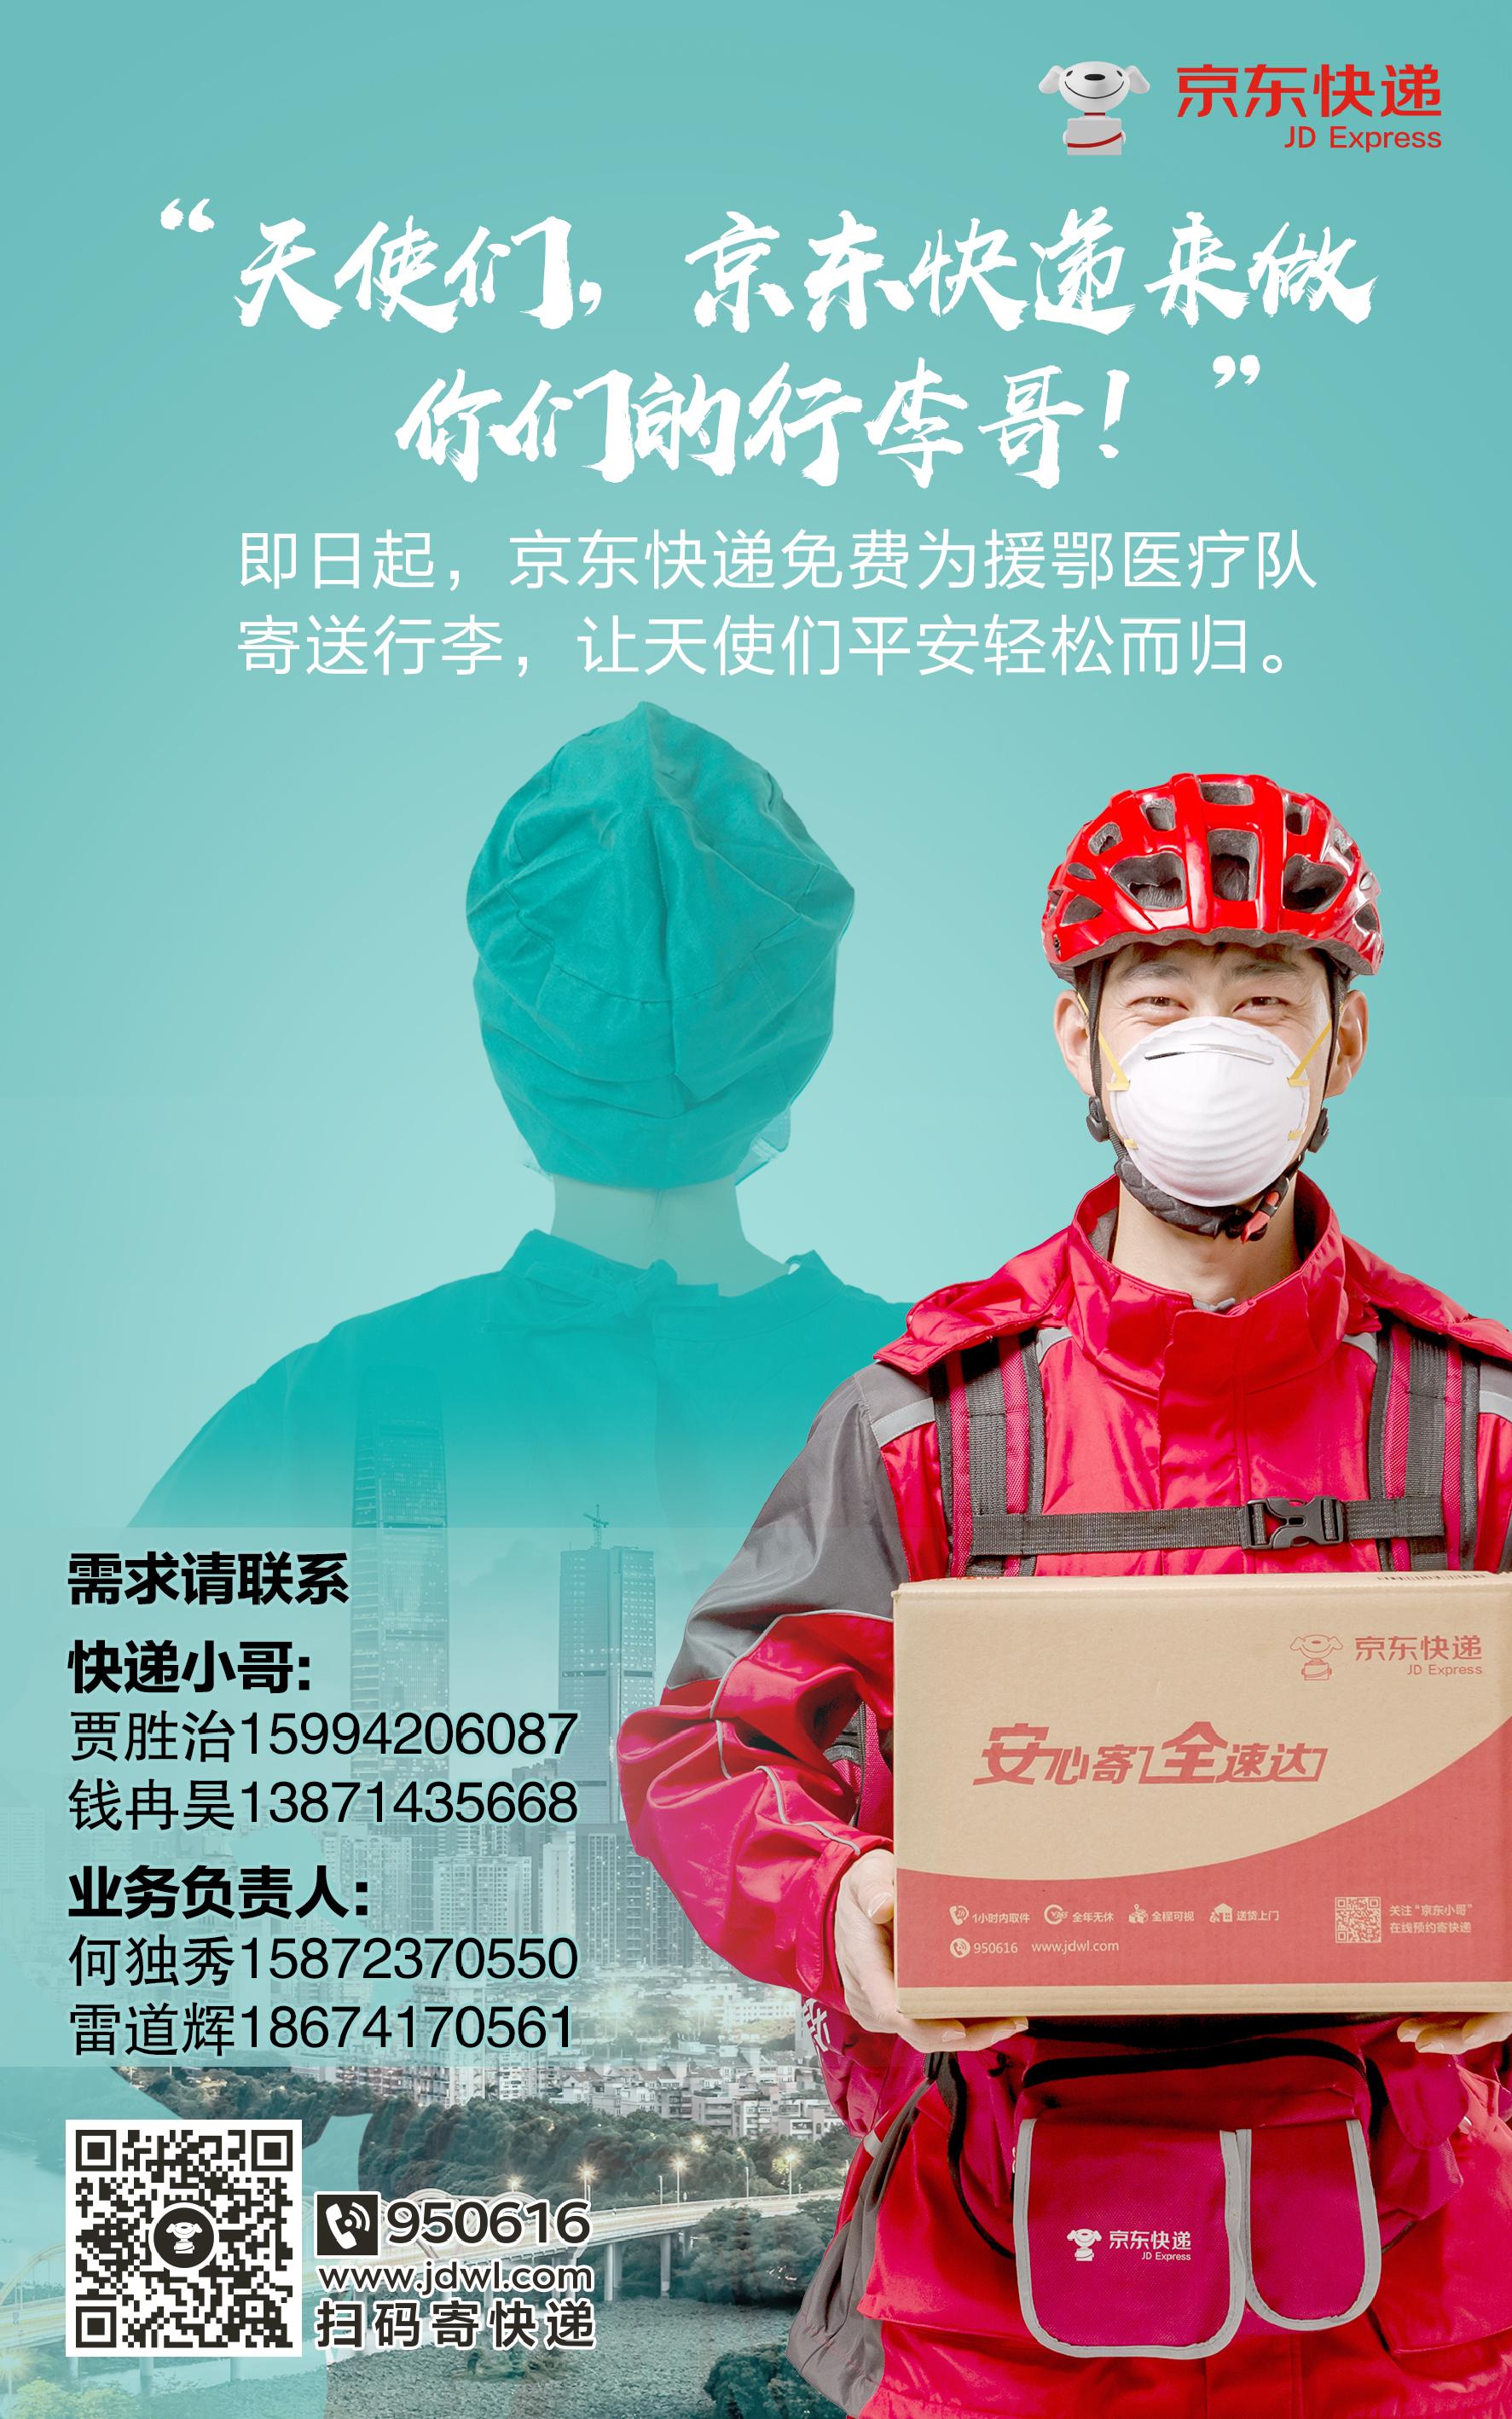 http://www.xqweigou.com/dianshanglingshou/114593.html